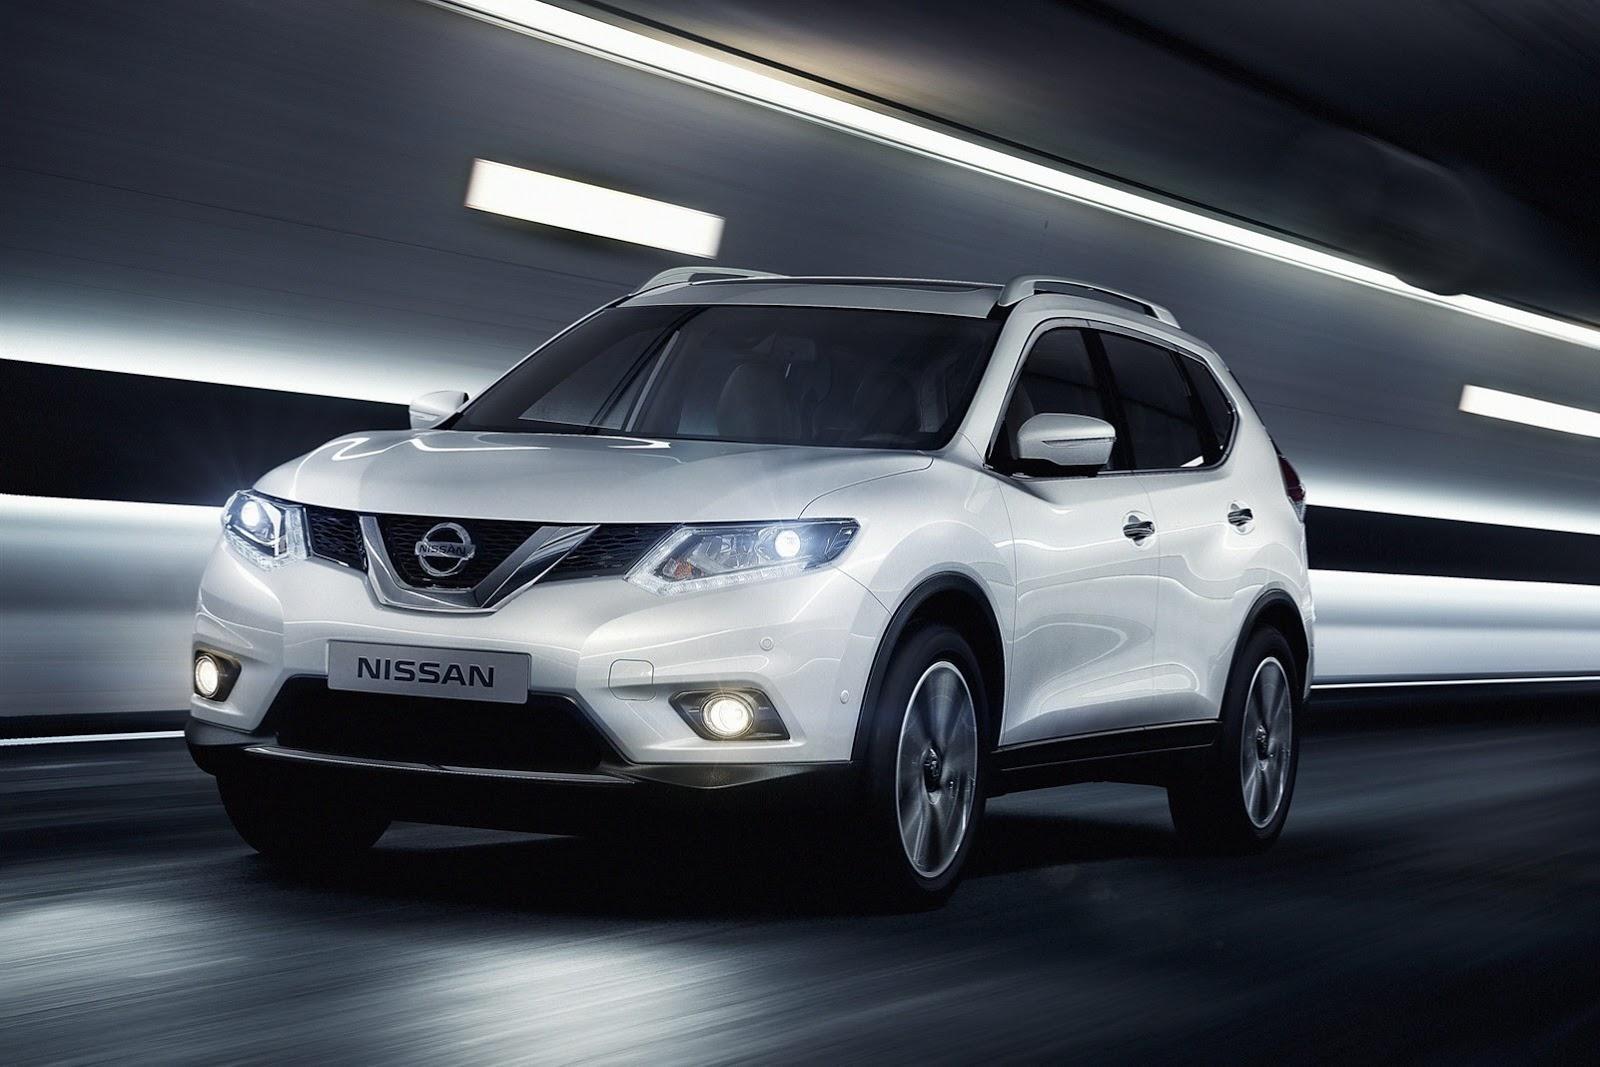 2014-Nissan-X-Trail-Rogue-12%25255B2%25255D.jpg